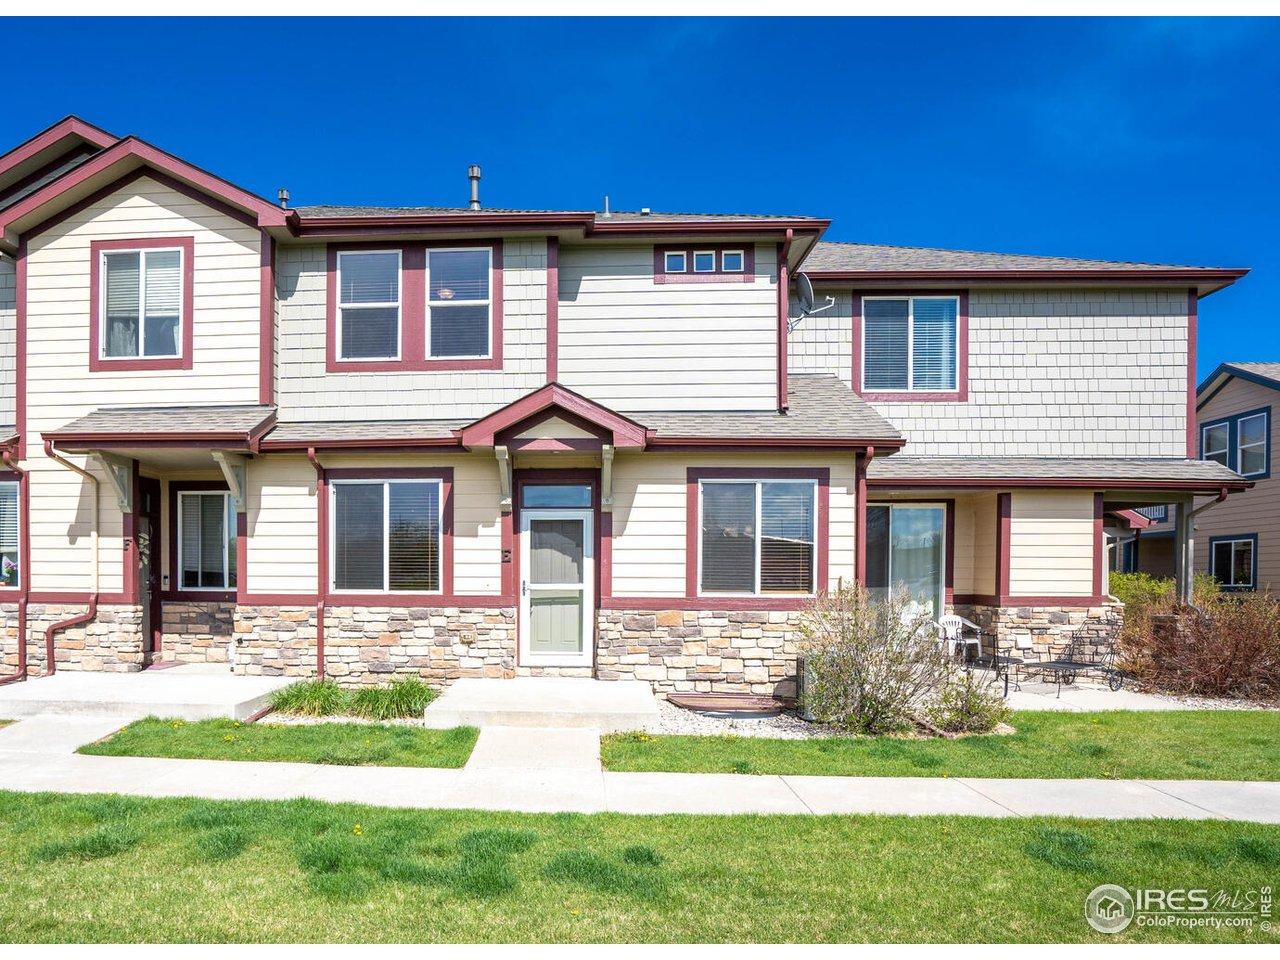 2863 Kansas Dr E, Fort Collins CO 80525